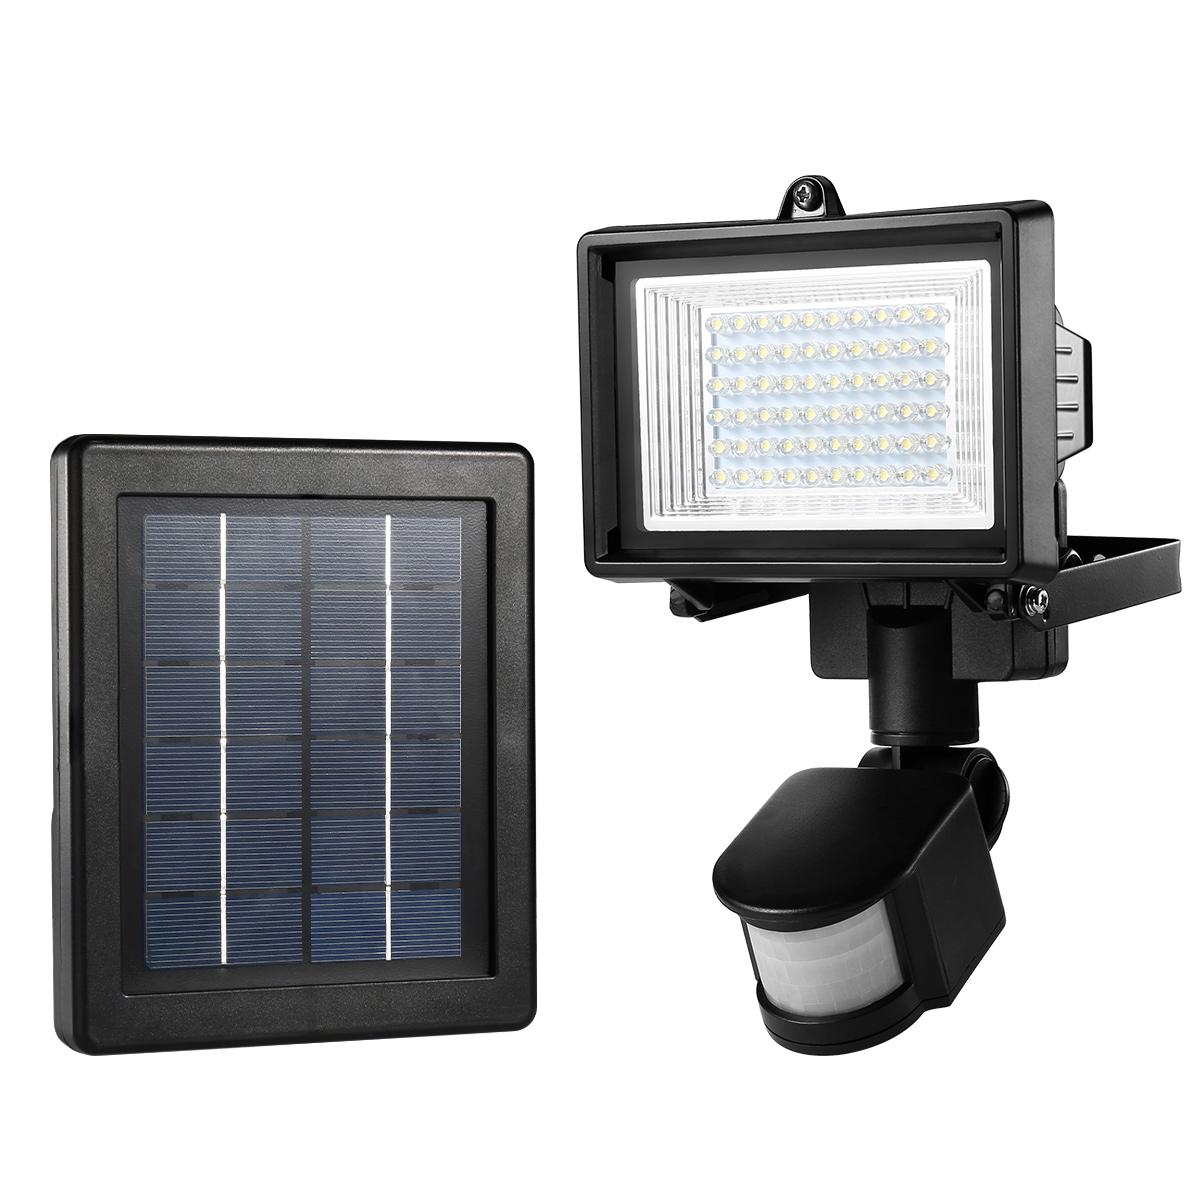 LED Solarleuchten mit Bewegungsmelder, 160lm, wiederaufladbar, 60 LEDs, Wasserdicht für Veranda/Rasen